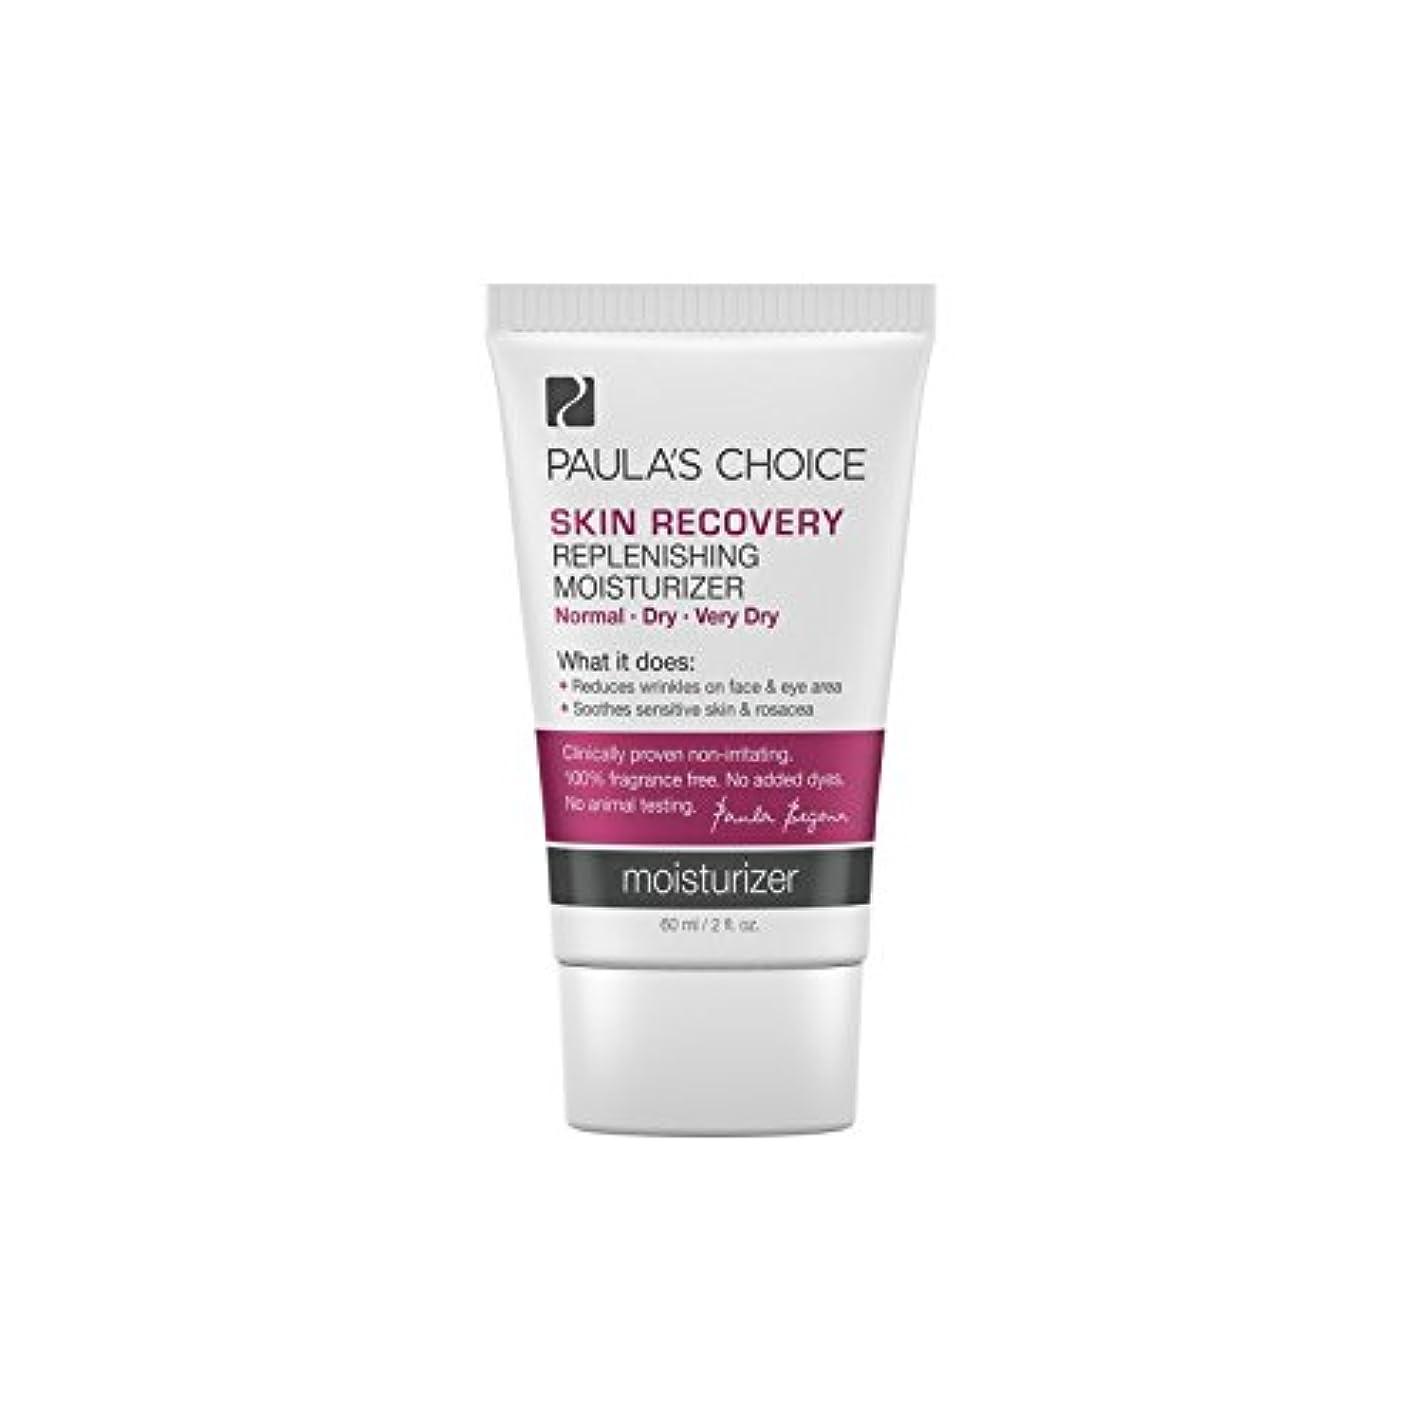 平野悲しむ劇的Paula's Choice Skin Recovery Replenishing Moisturizer (60ml) (Pack of 6) - ポーラチョイスの肌の回復補充保湿(60ミリリットル) x6 [並行輸入品]